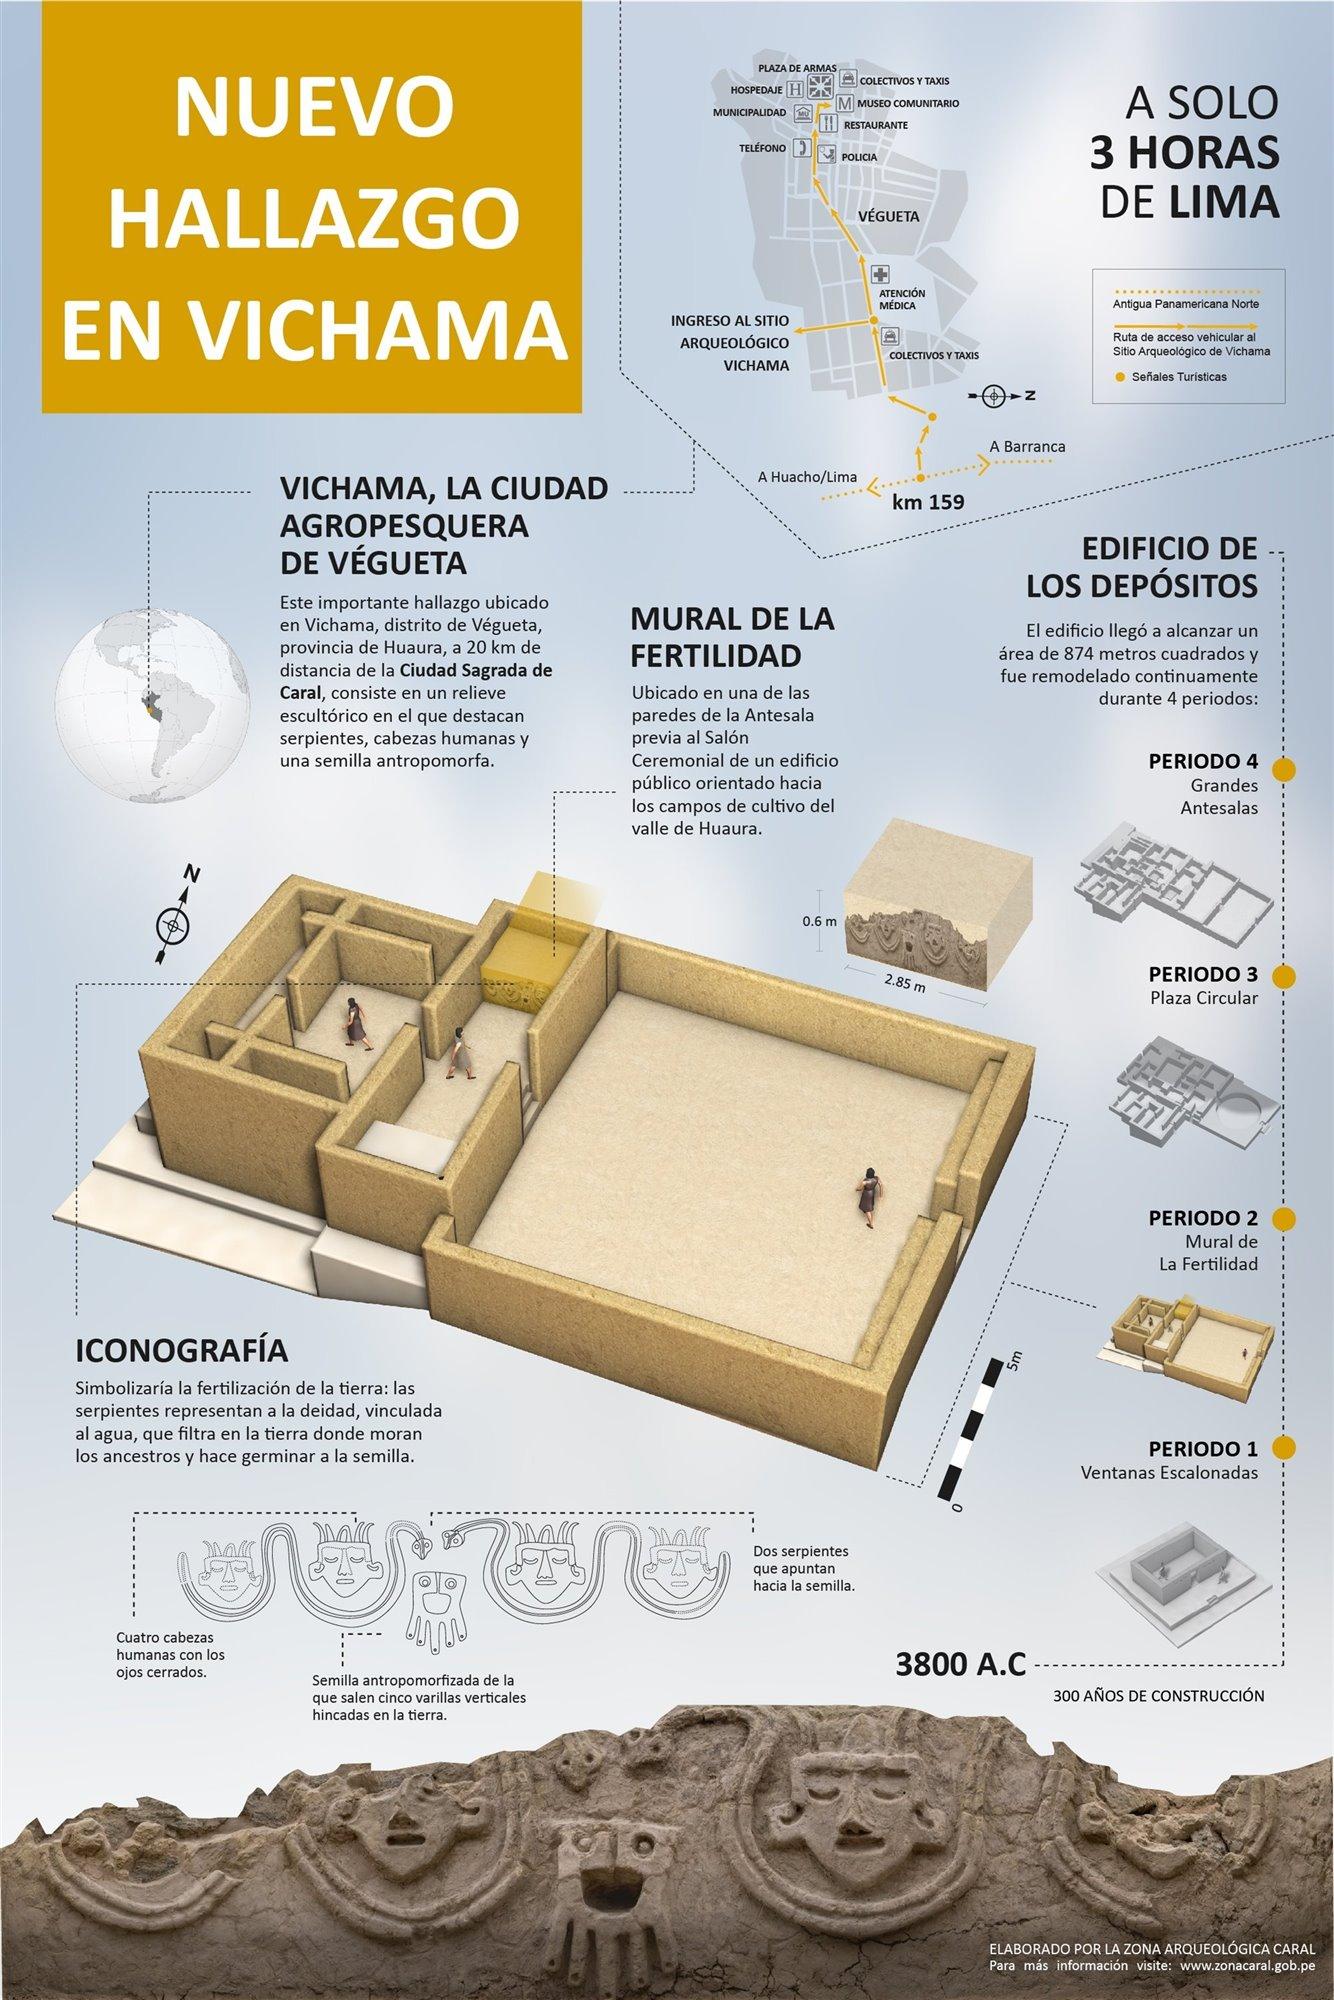 vichama4. Sitio arqueológico de Vichama